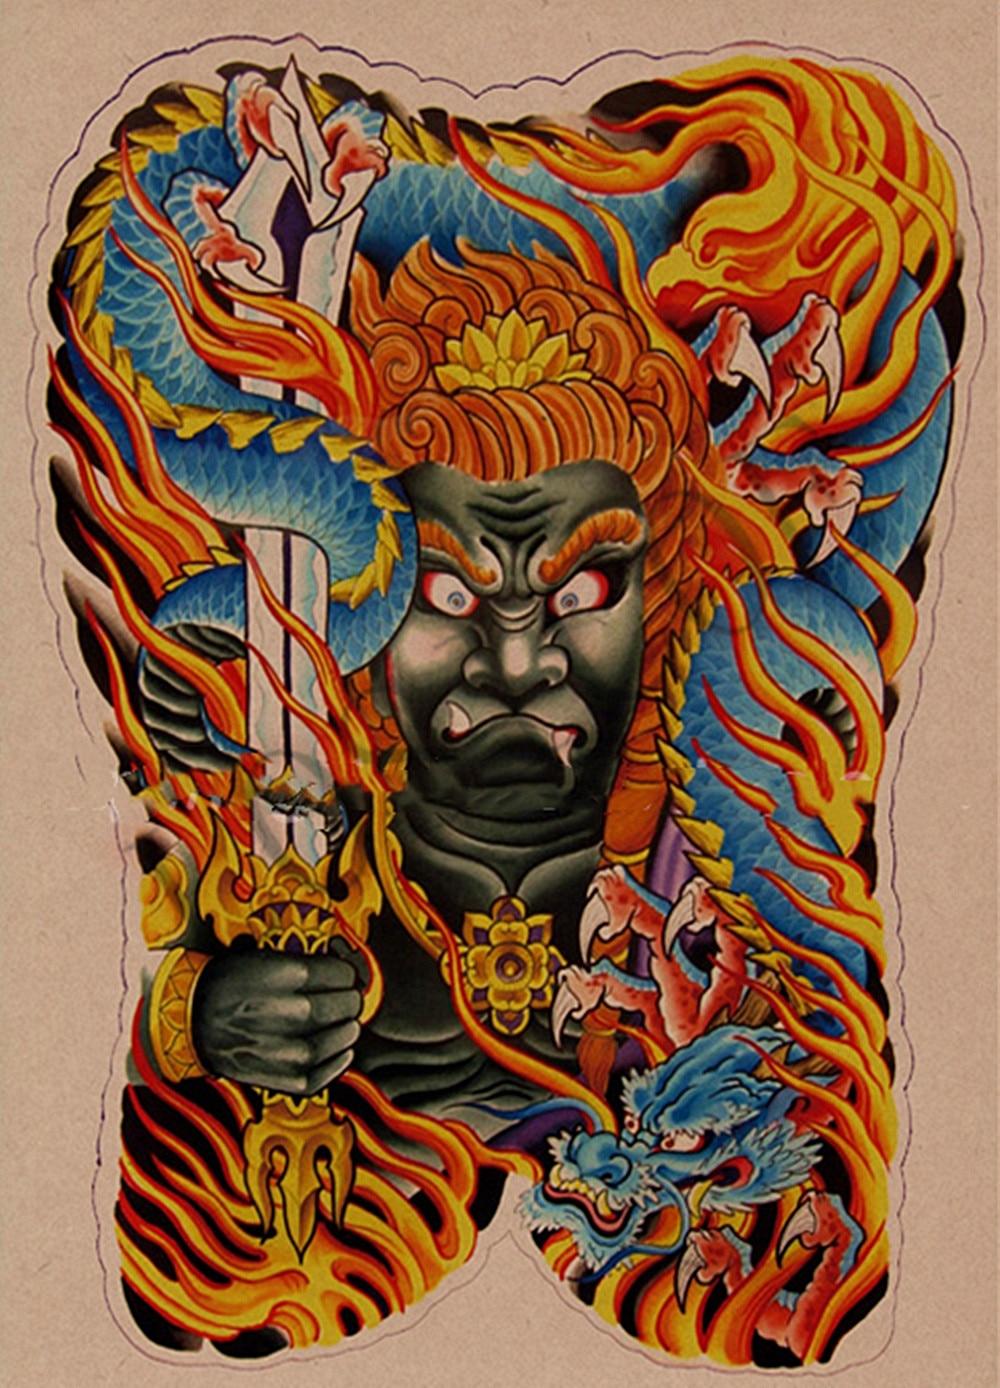 Pósteres de Arte de tatuaje humano Retro papel Kraft impresión arte pintura pegatinas de pared arte de pared Estilo Vintage tatuaje estudio decoración del hogar B2